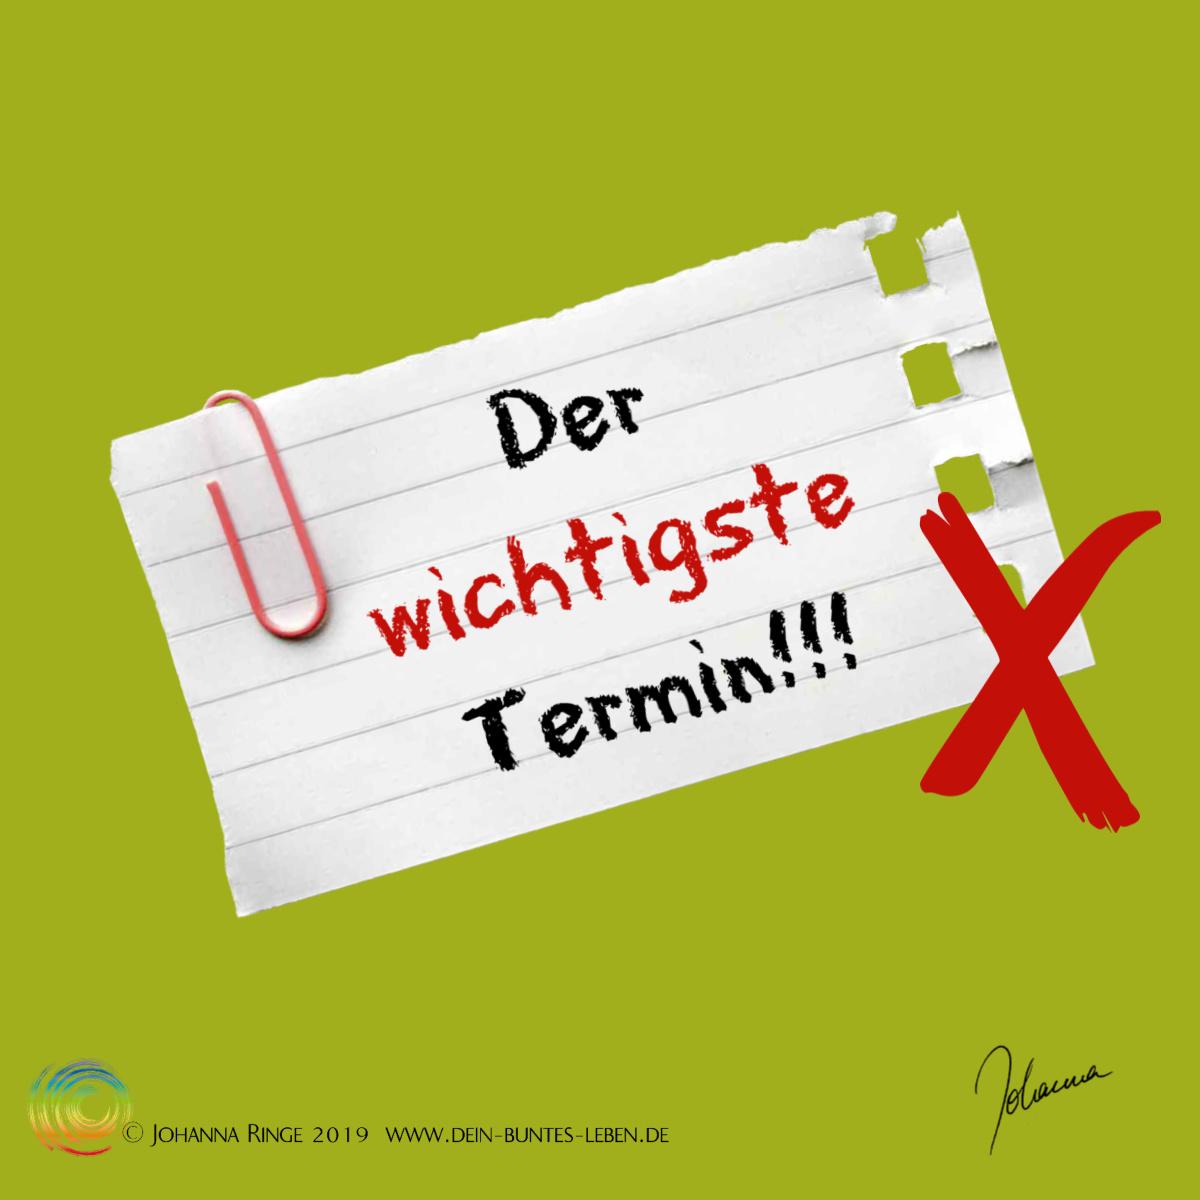 Der wichtigste Termin! ©Johanna Ringe 2019 www.dein-buntes-leben.de